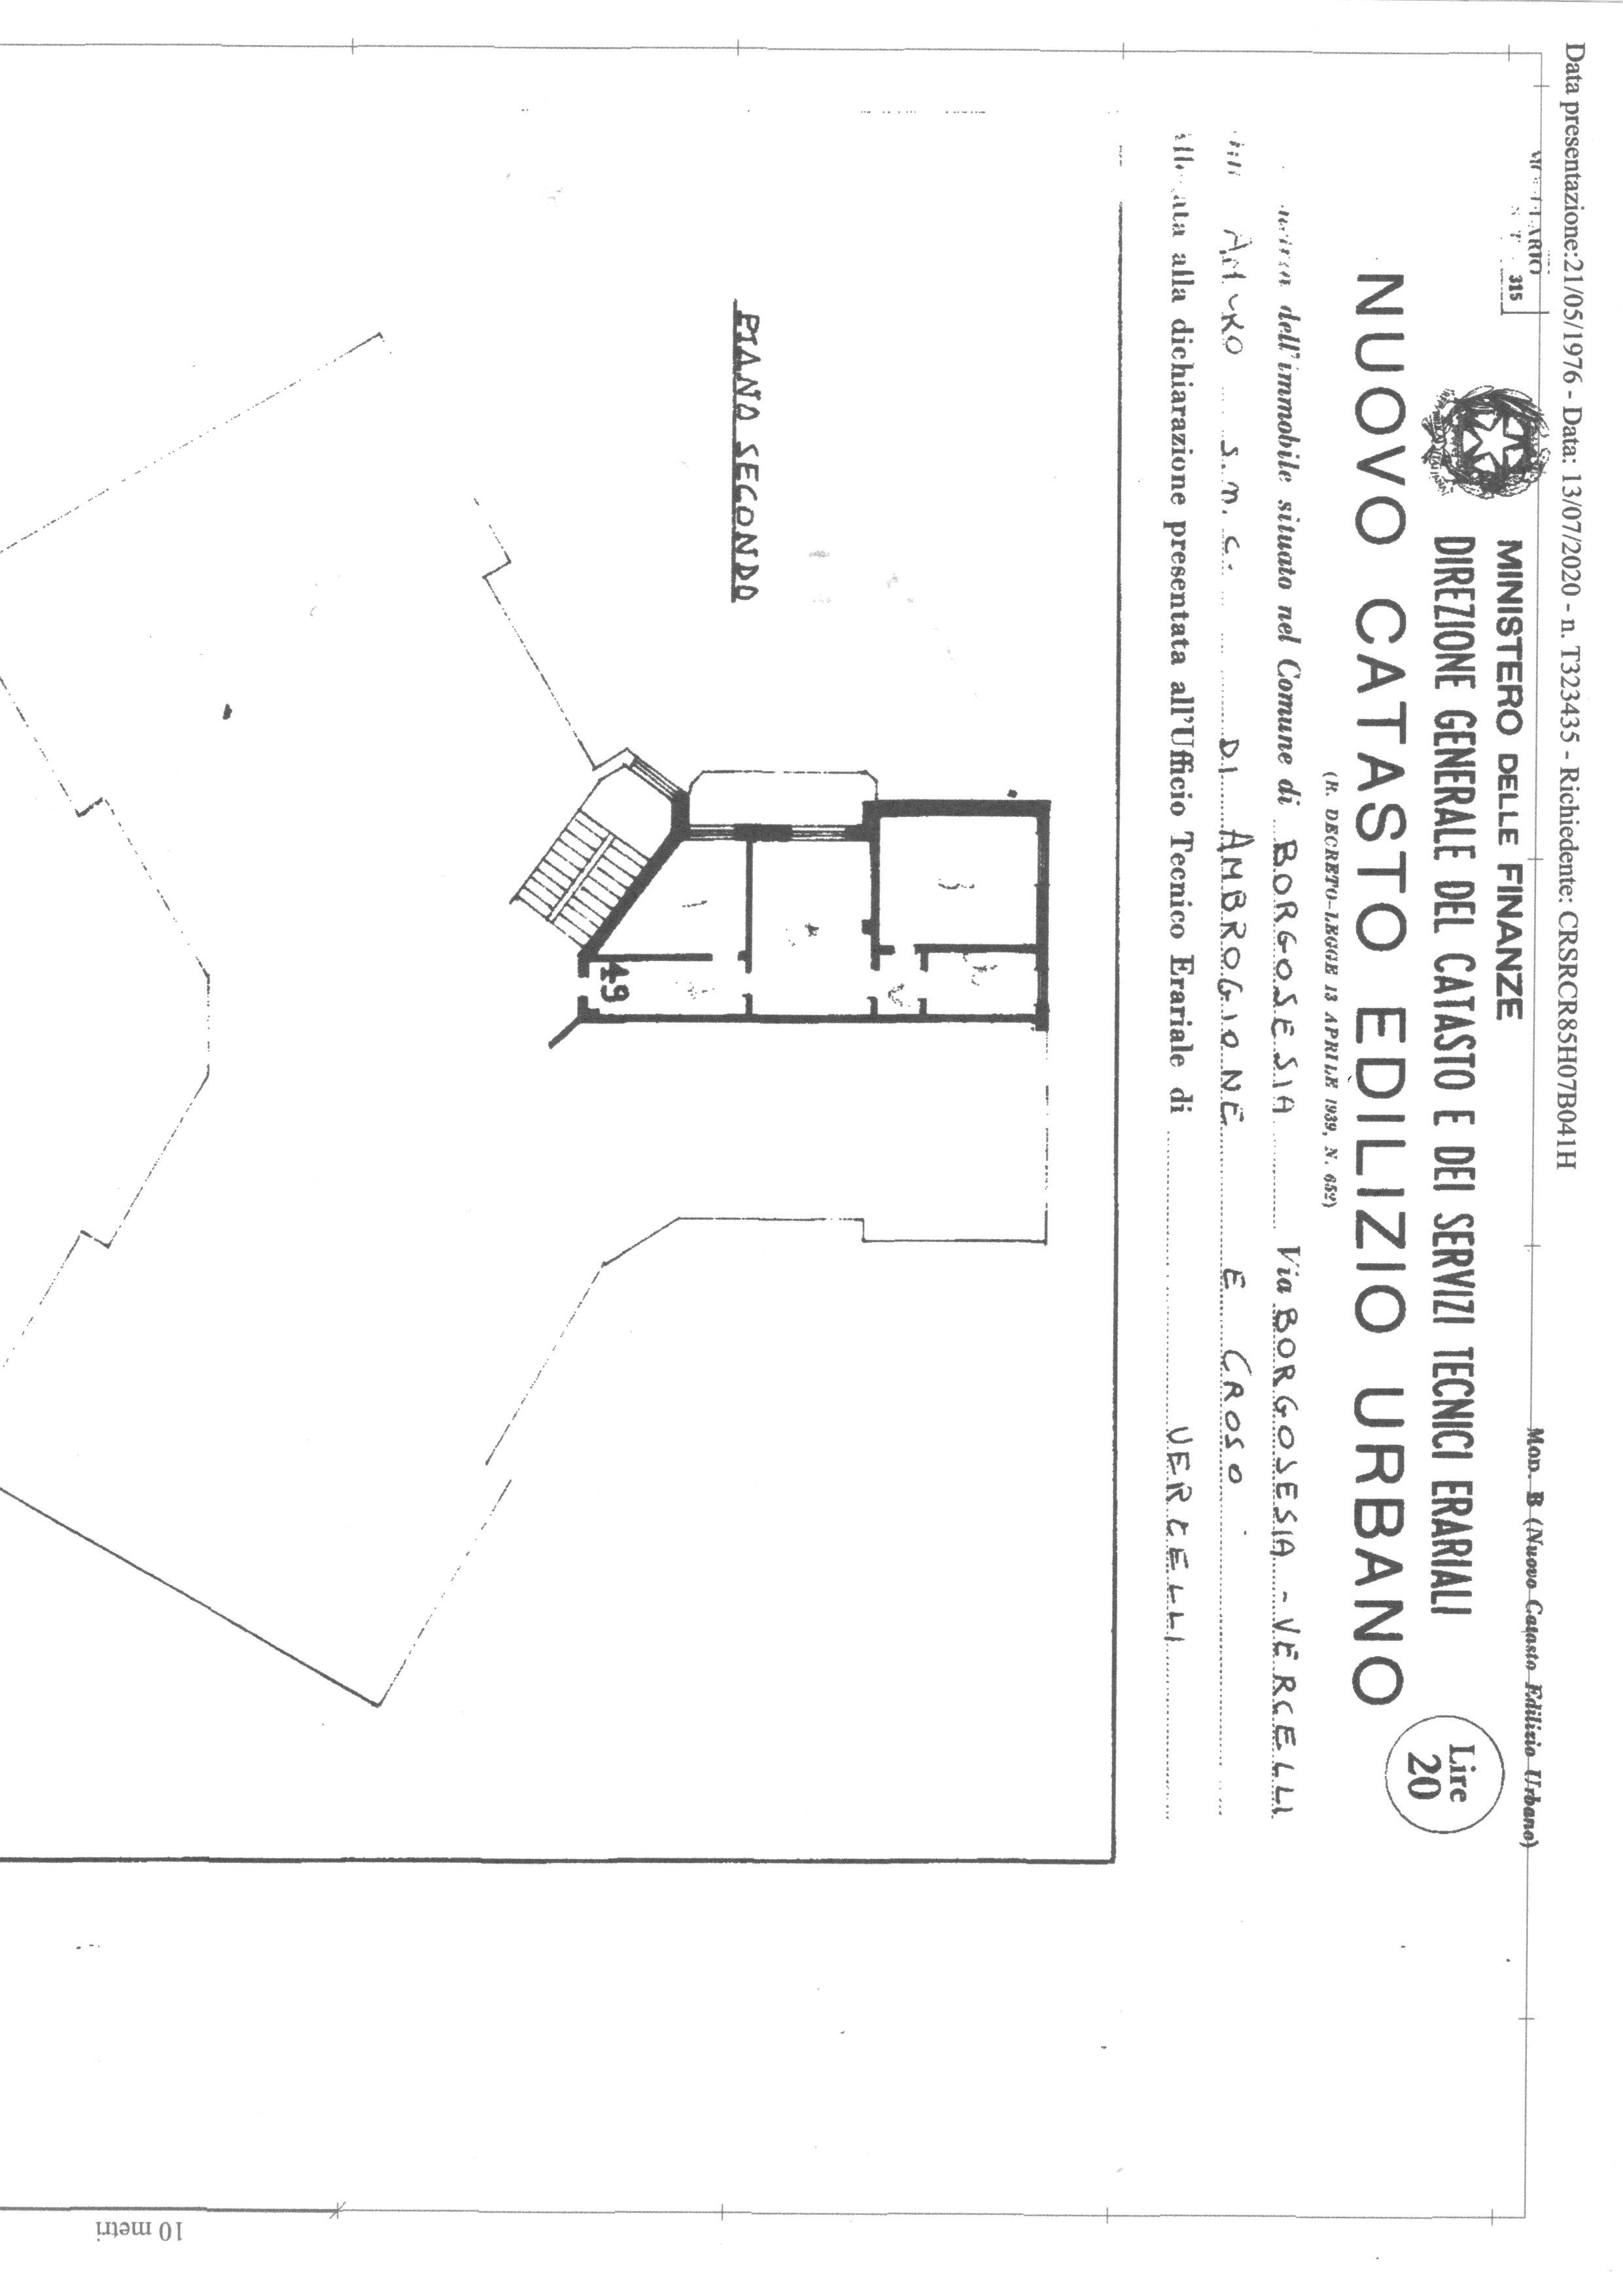 Appartamento Al Secondo Piano Immobiliare Perozzo